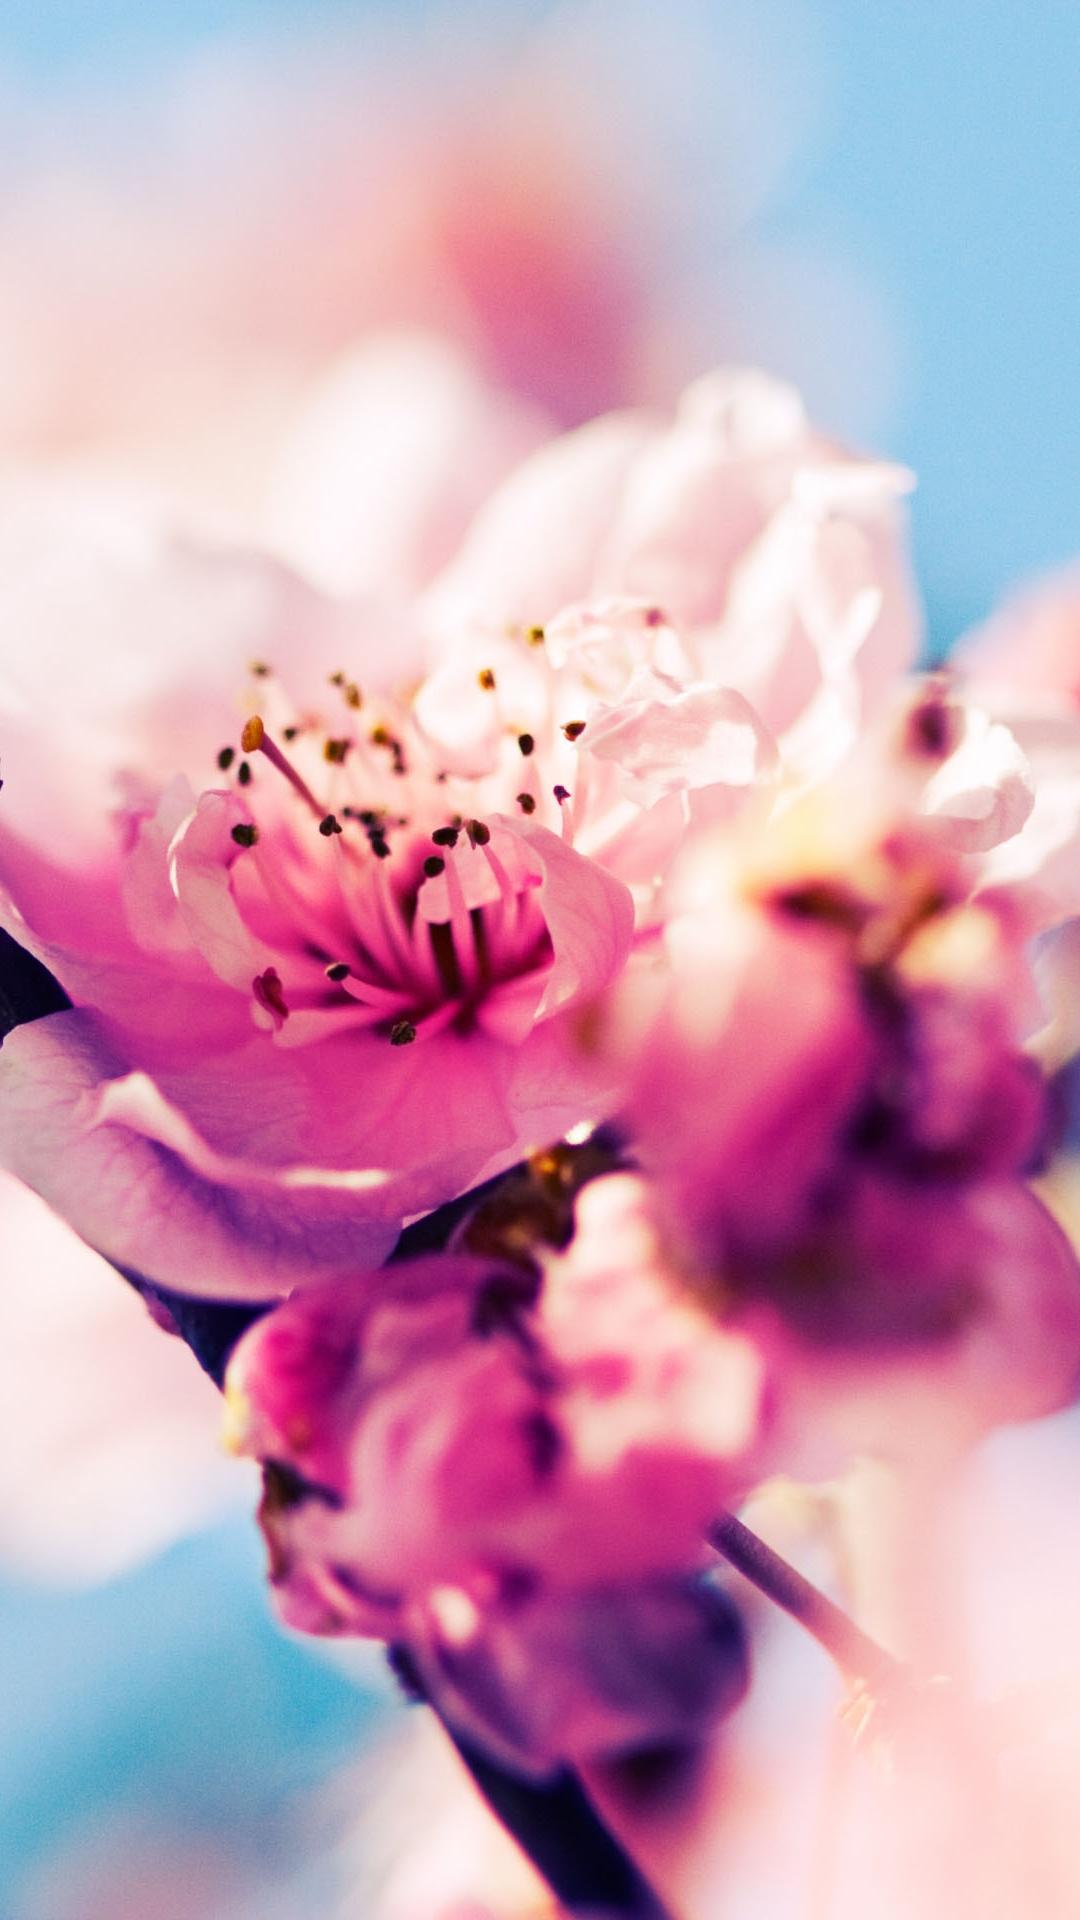 Hulk 3d Wallpaper Download Cherry Blossom Iphone Hd Wallpaper Pixelstalk Net